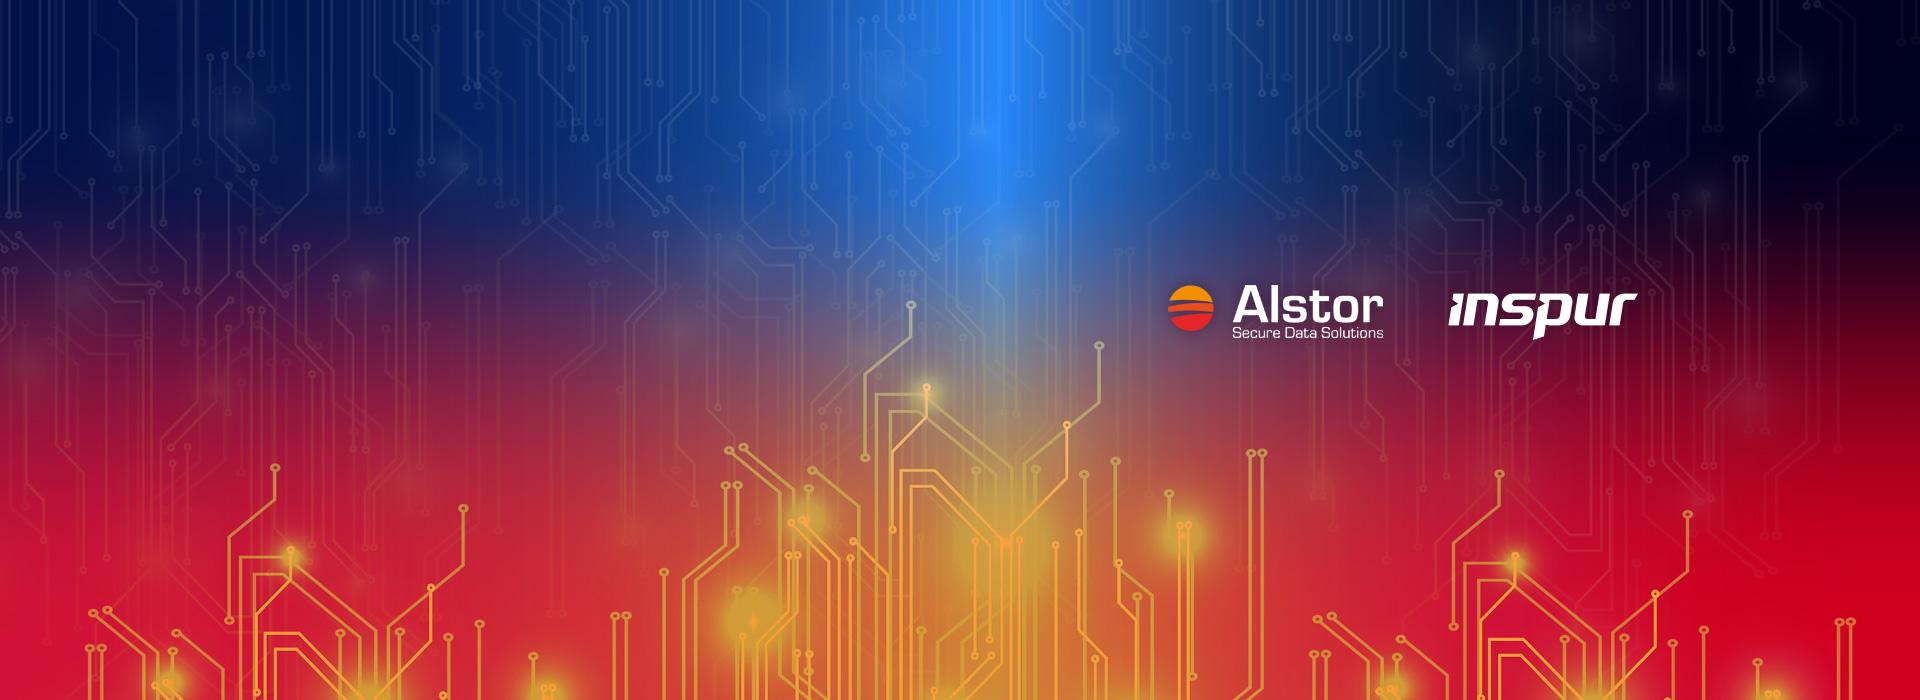 Alstor SDS Inspur Slajd